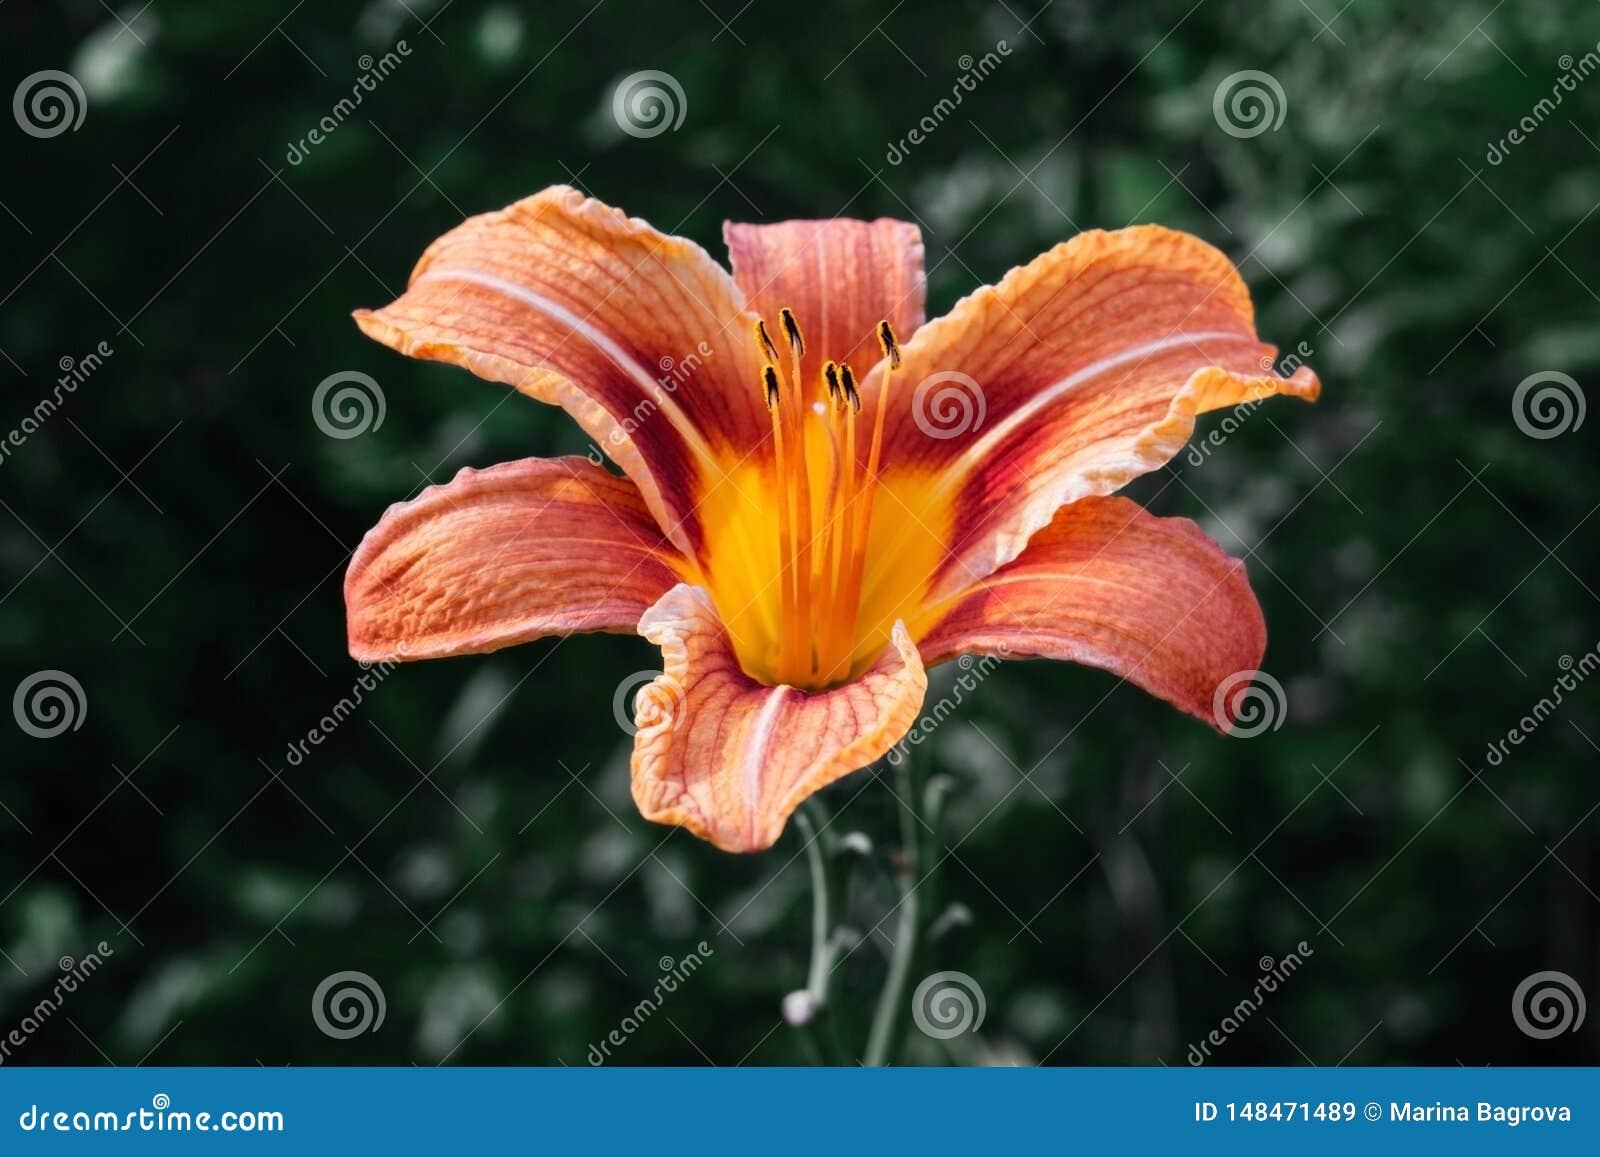 在绿色背景的明亮的美丽的橙色黄花菜花 百合、萱草属植物与黄色黑雄芯花蕊和桔子